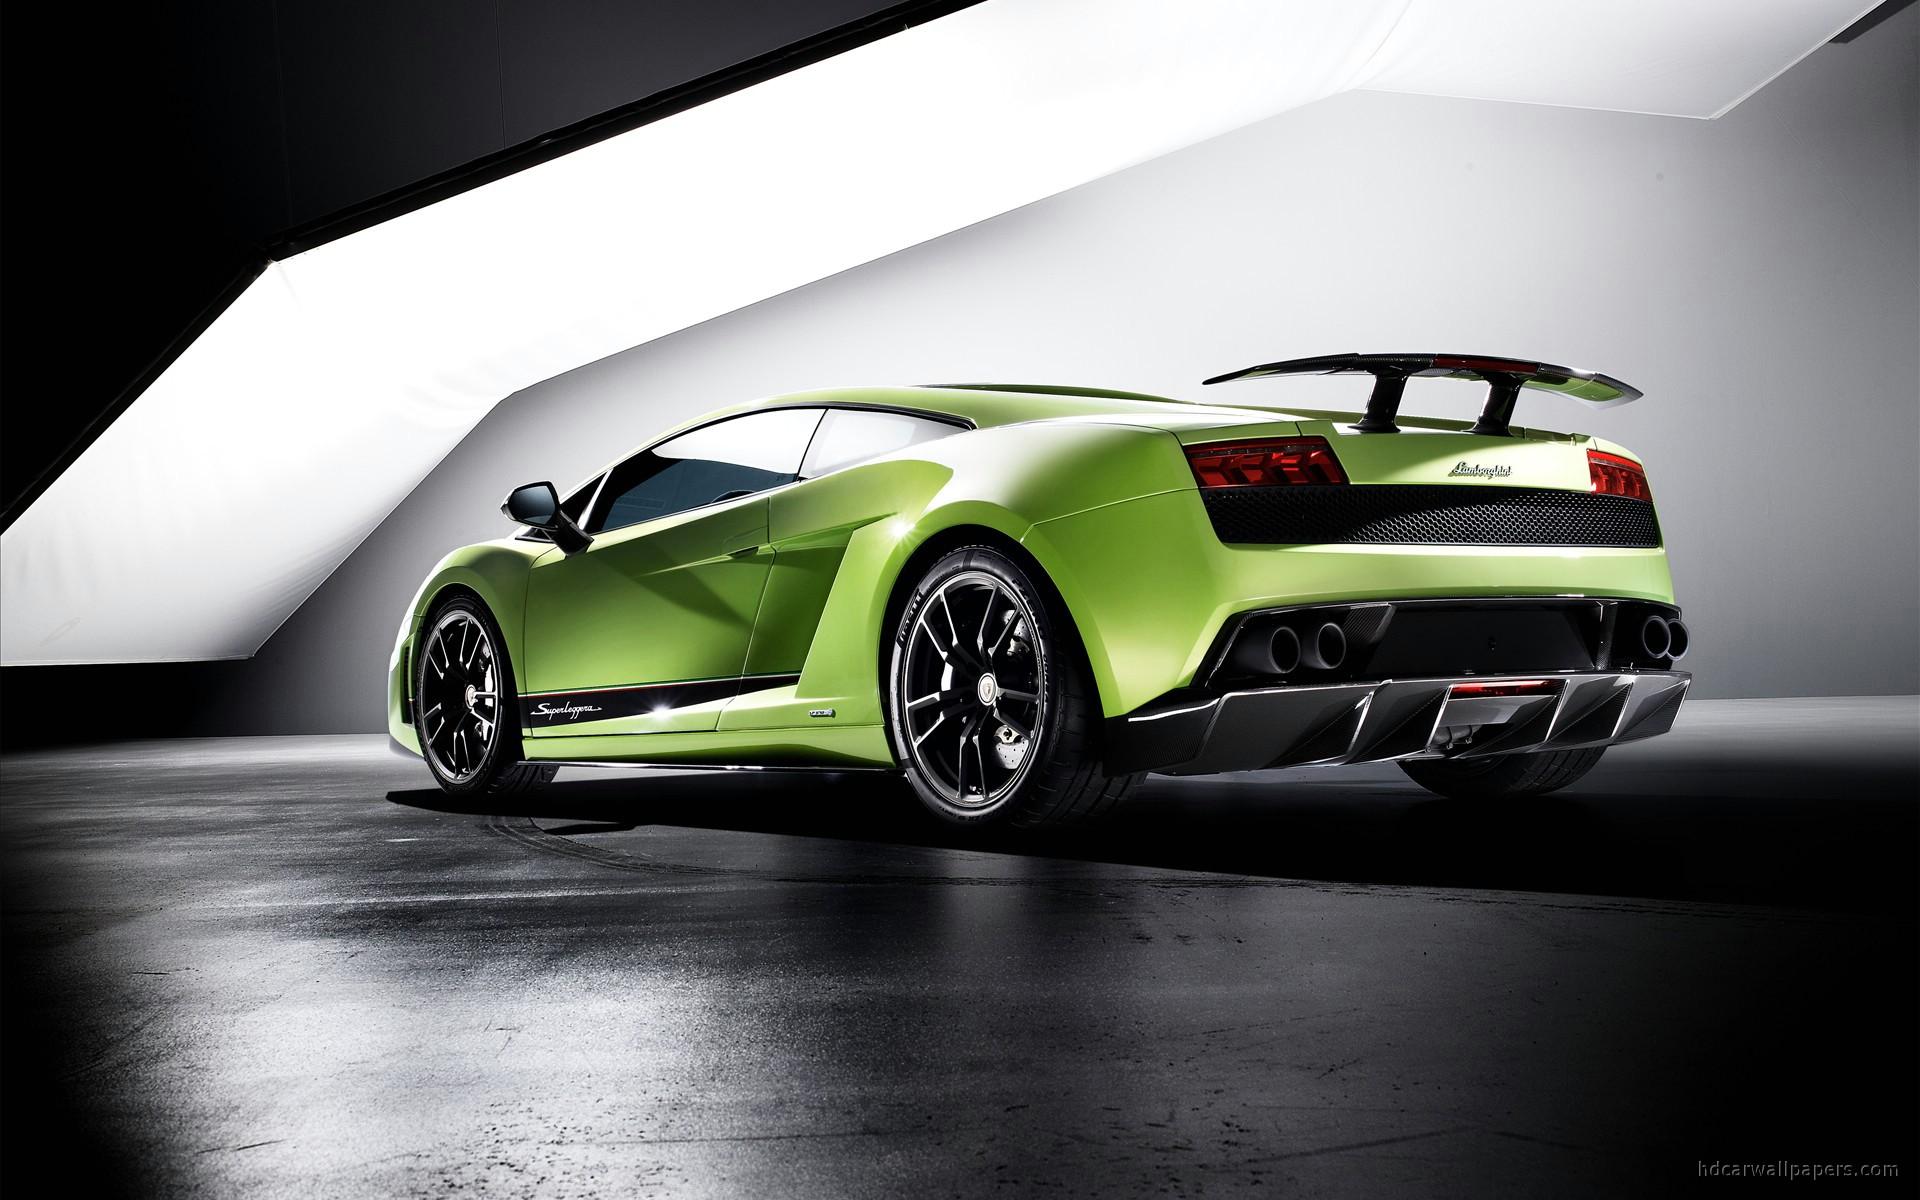 2011 lamborghini gallardo lp 570 4 superleggera 3 - Lamborghini Gallardo Superleggera Wallpaper